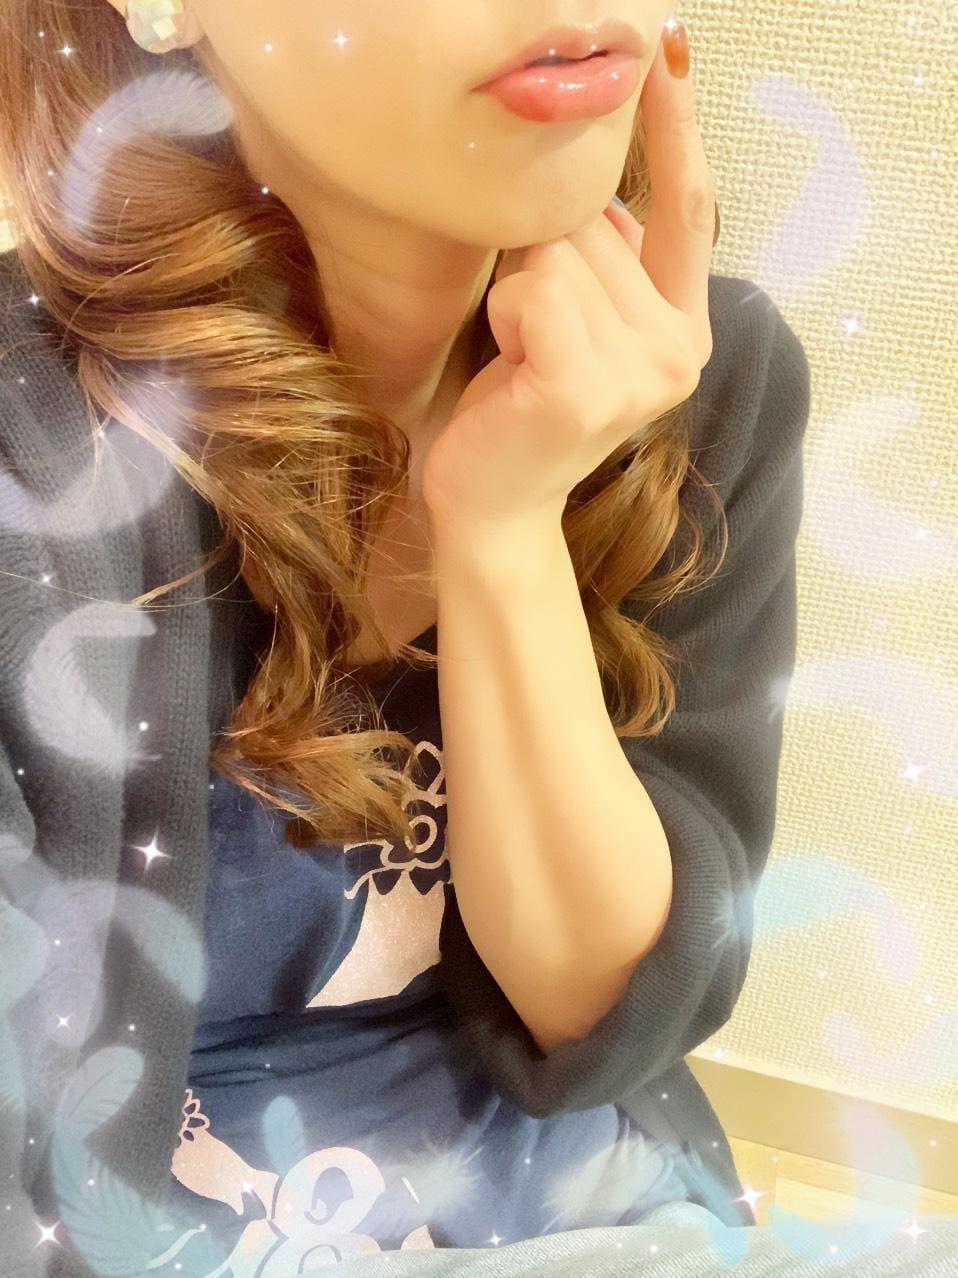 「?来週水曜日にね〜?」10/16(水) 09:49 | ねいろ【大人カワイイ癒し系 】の写メ・風俗動画